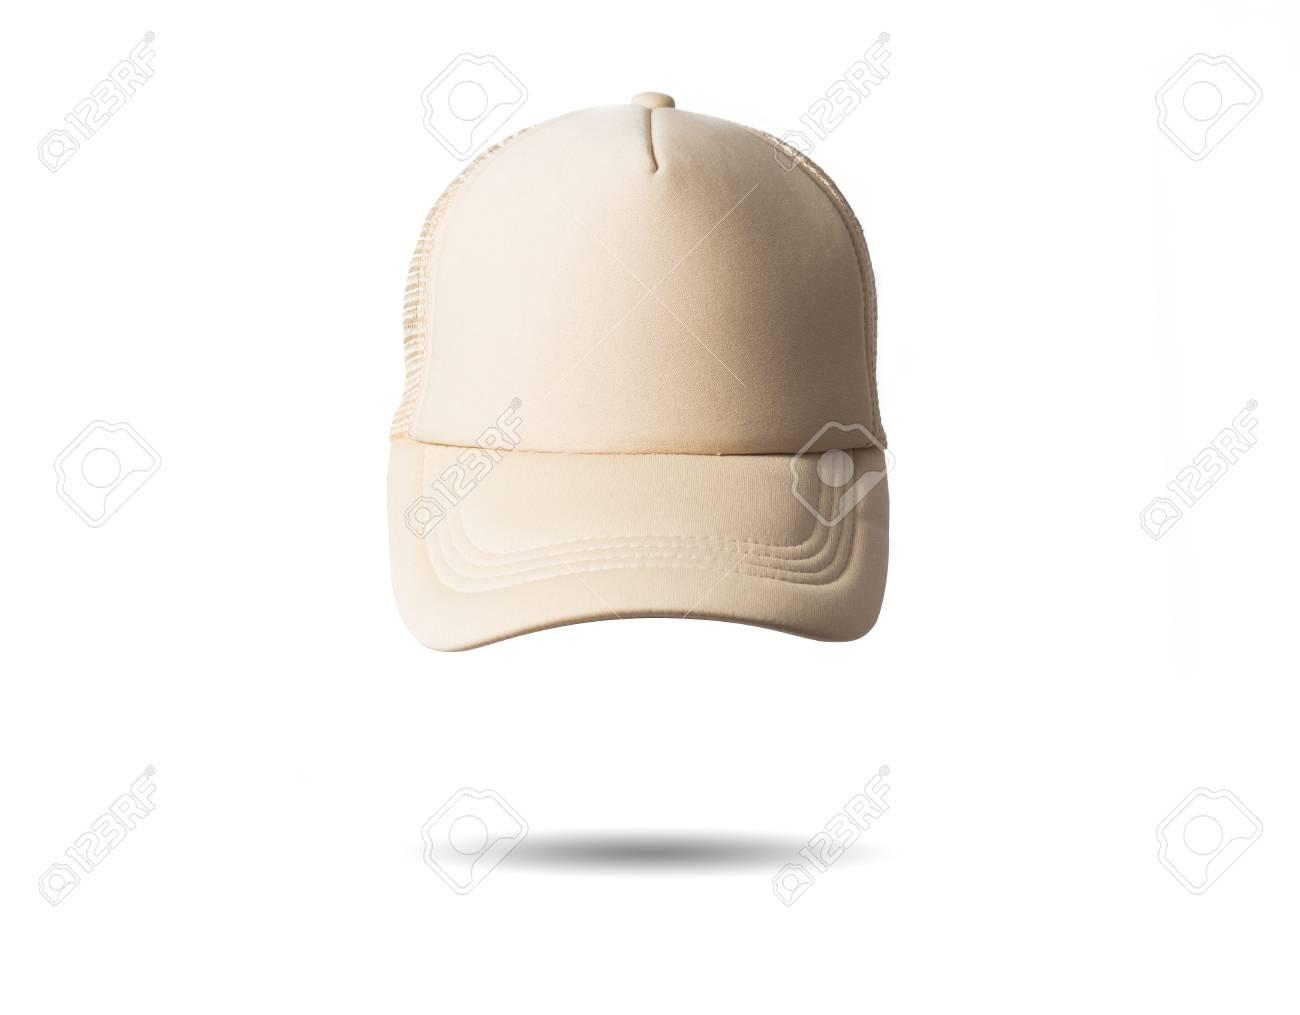 Foto de archivo - Gorra de béisbol color beige blanco sobre fondo blanco  aislado dbb717a2b47